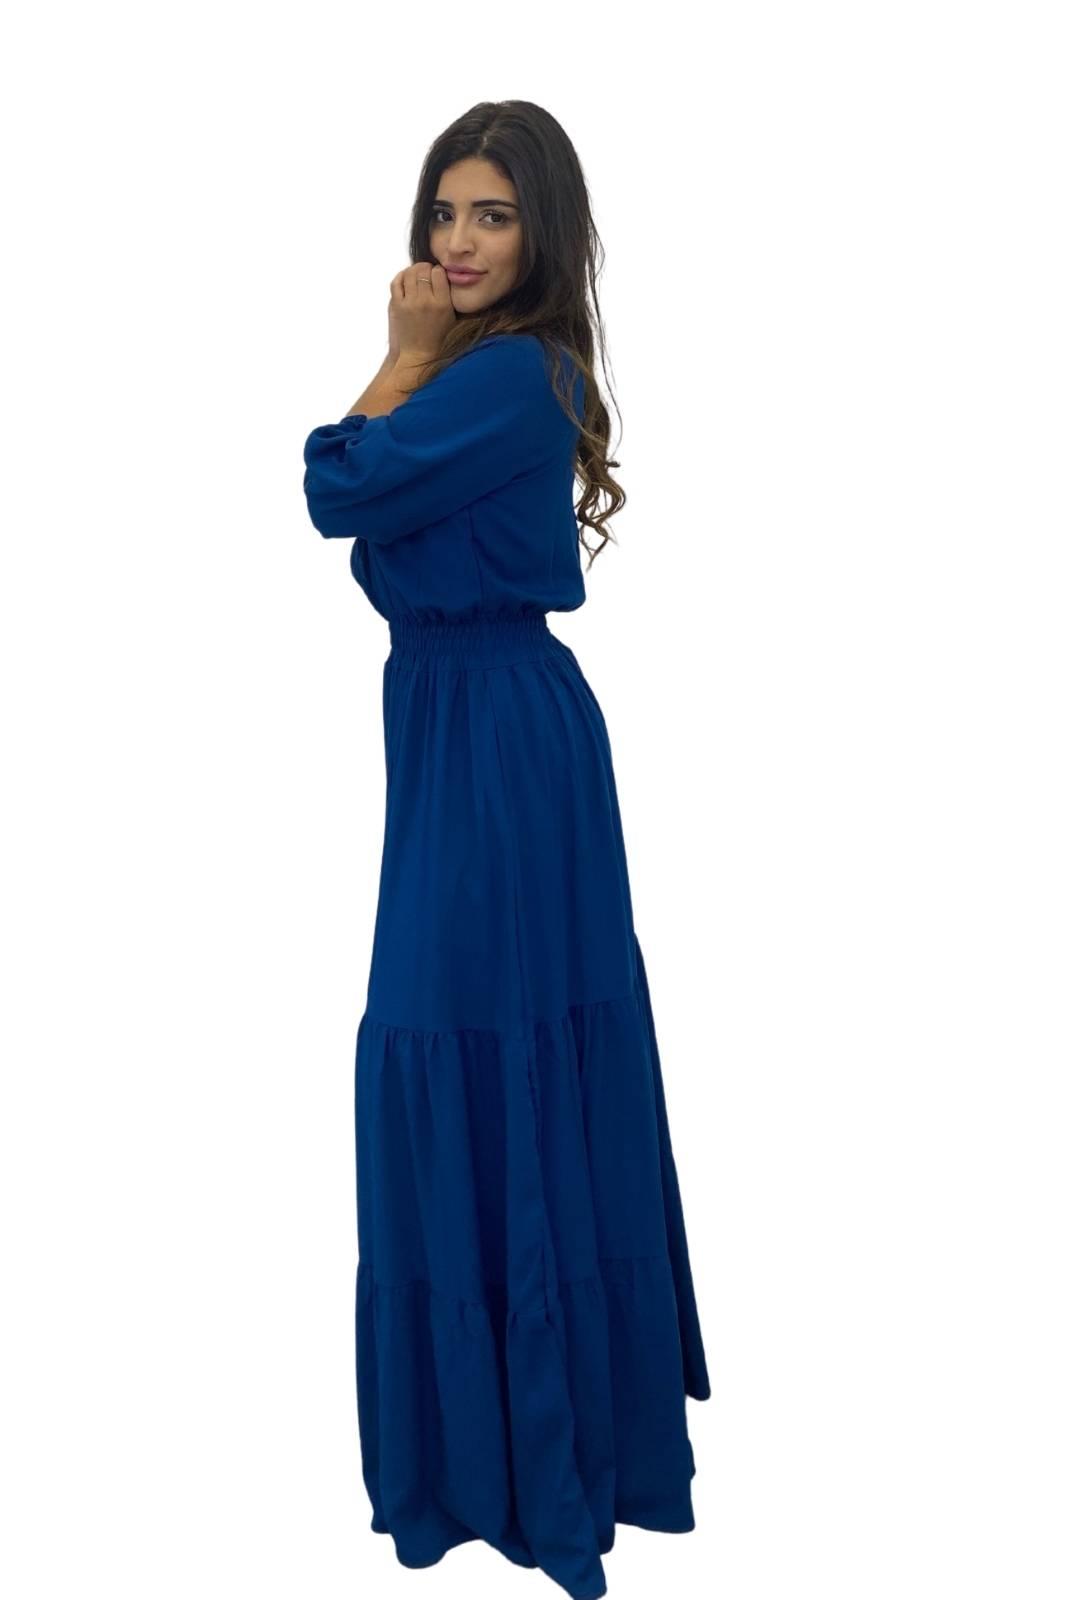 Vestido Longo Transpasse Lastex Viscose Azul